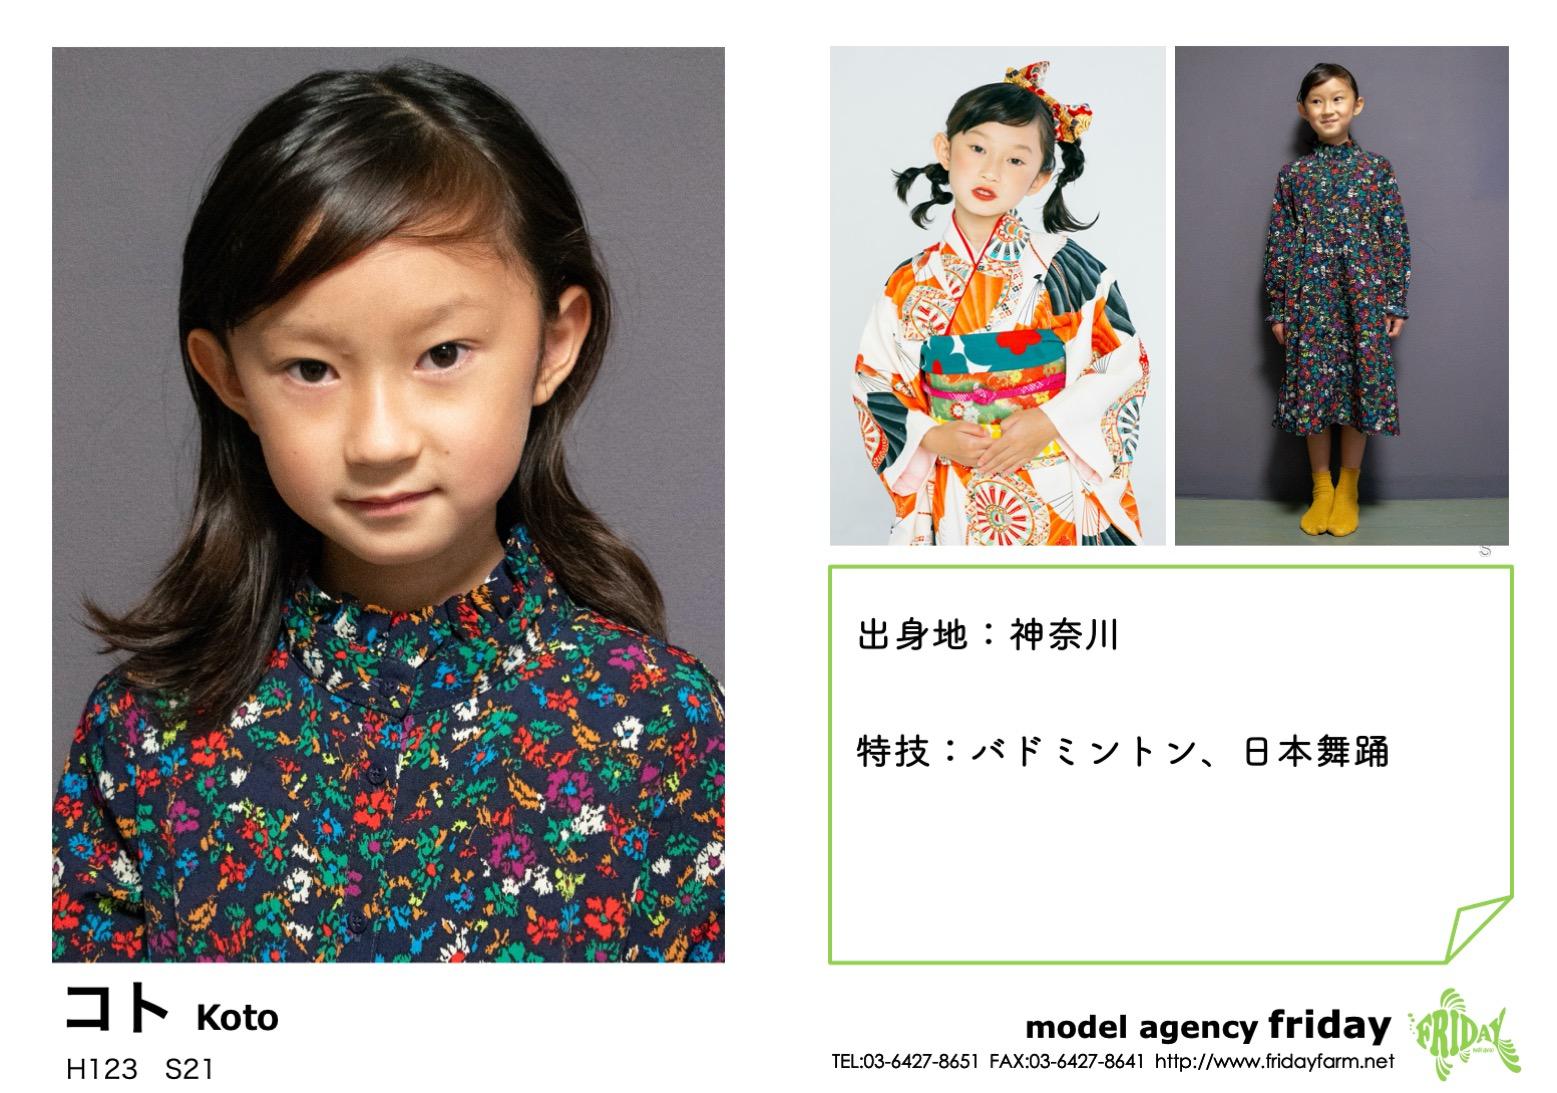 コト - Koto   model agency friday